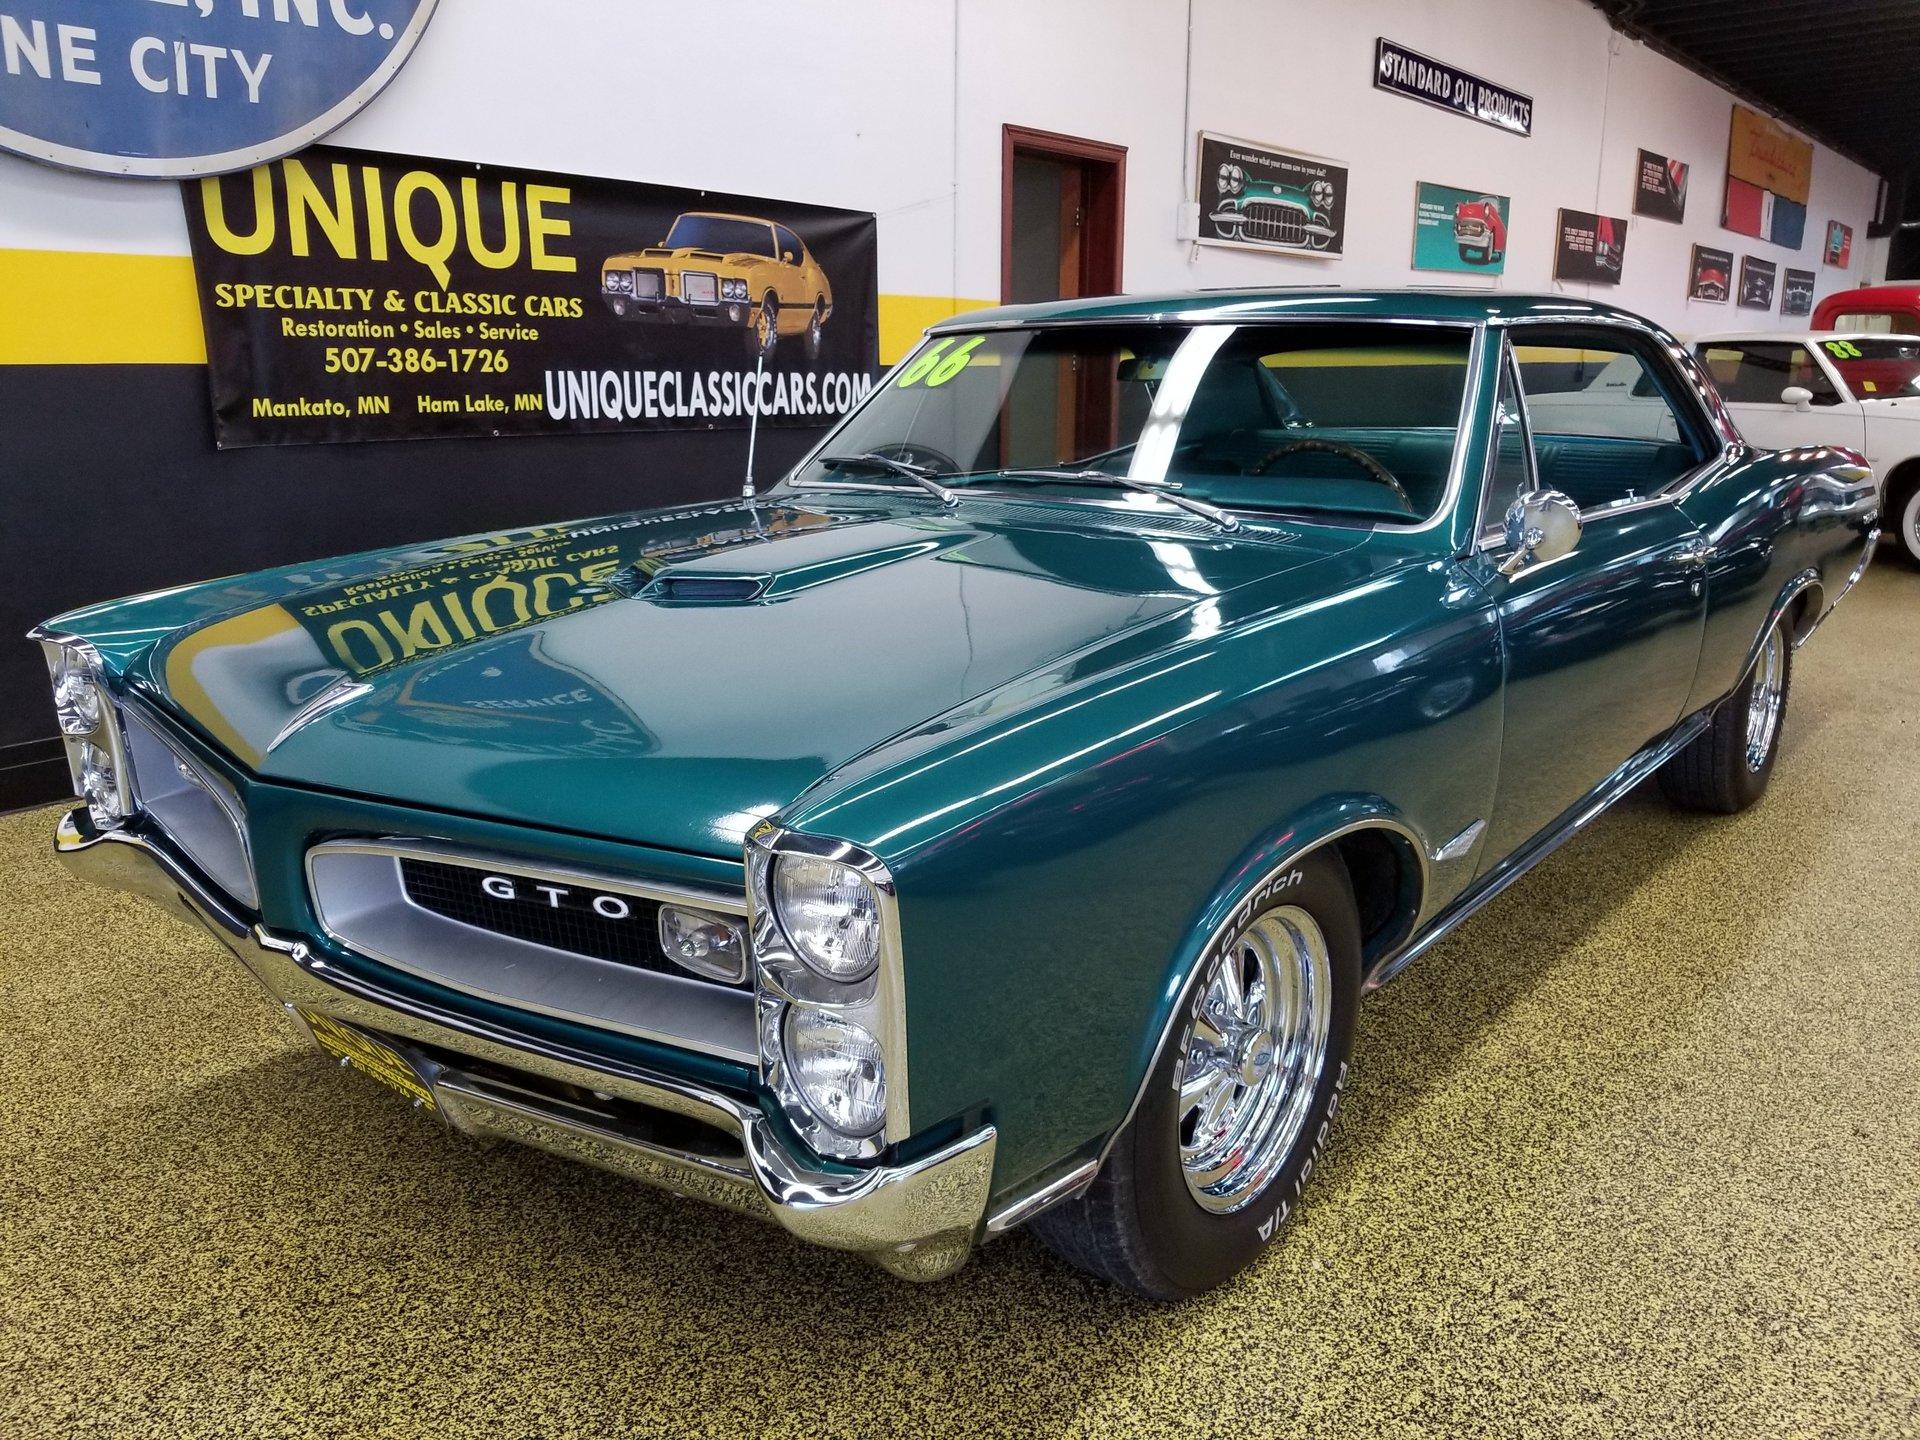 1966 Pontiac GTO | My Classic Garage